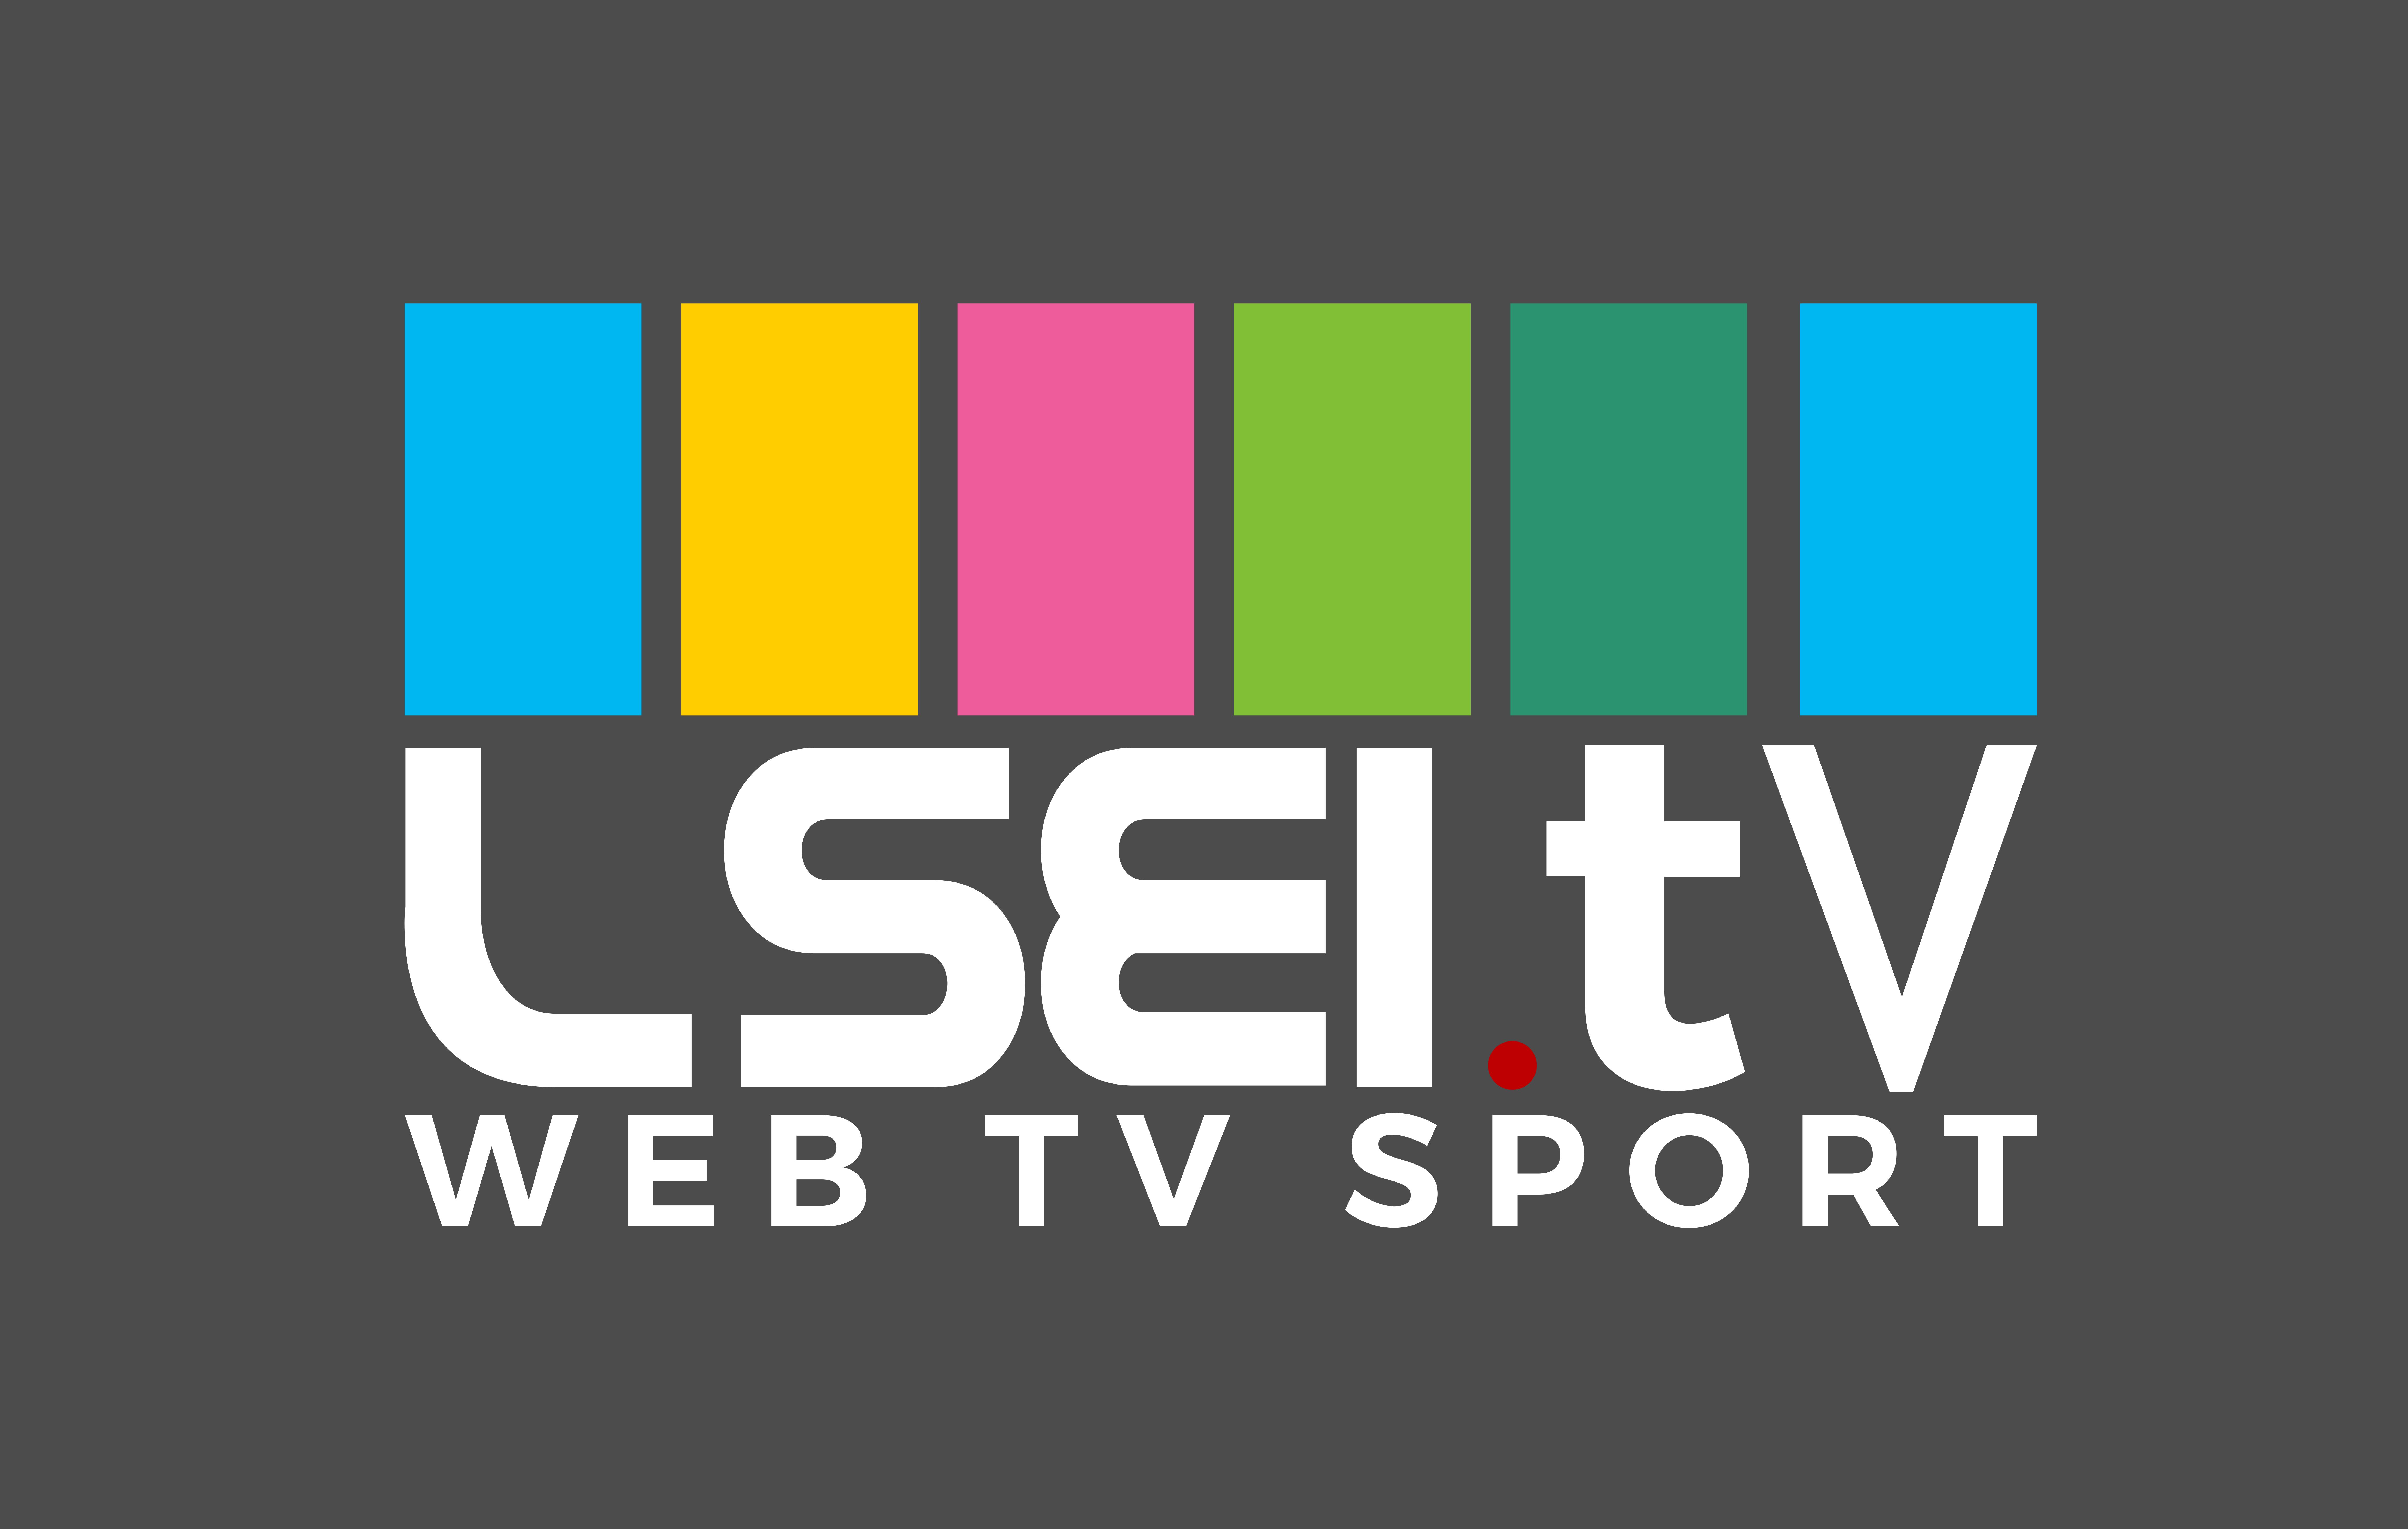 LSEI.TV